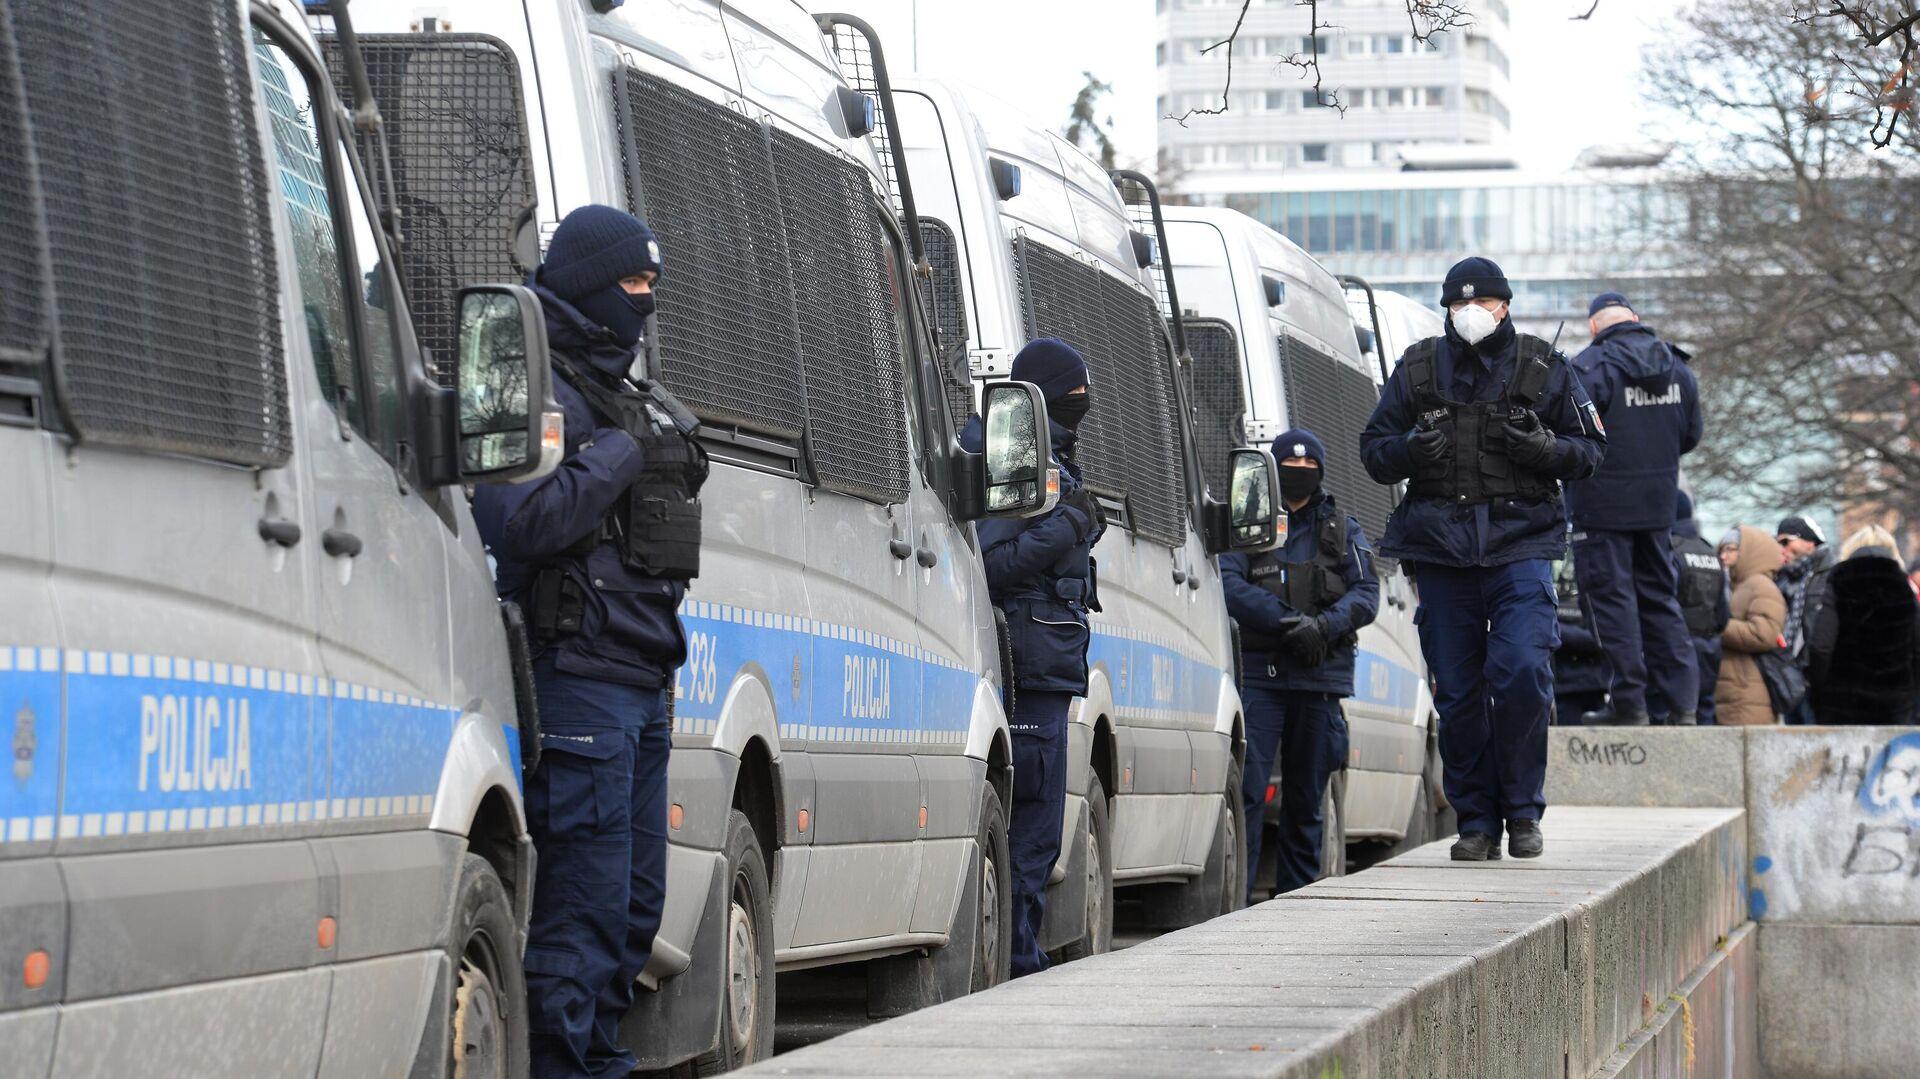 Сотрудники правоохранительных органов во время акции против карантинных ограничений в Варшаве - РИА Новости, 1920, 10.04.2021